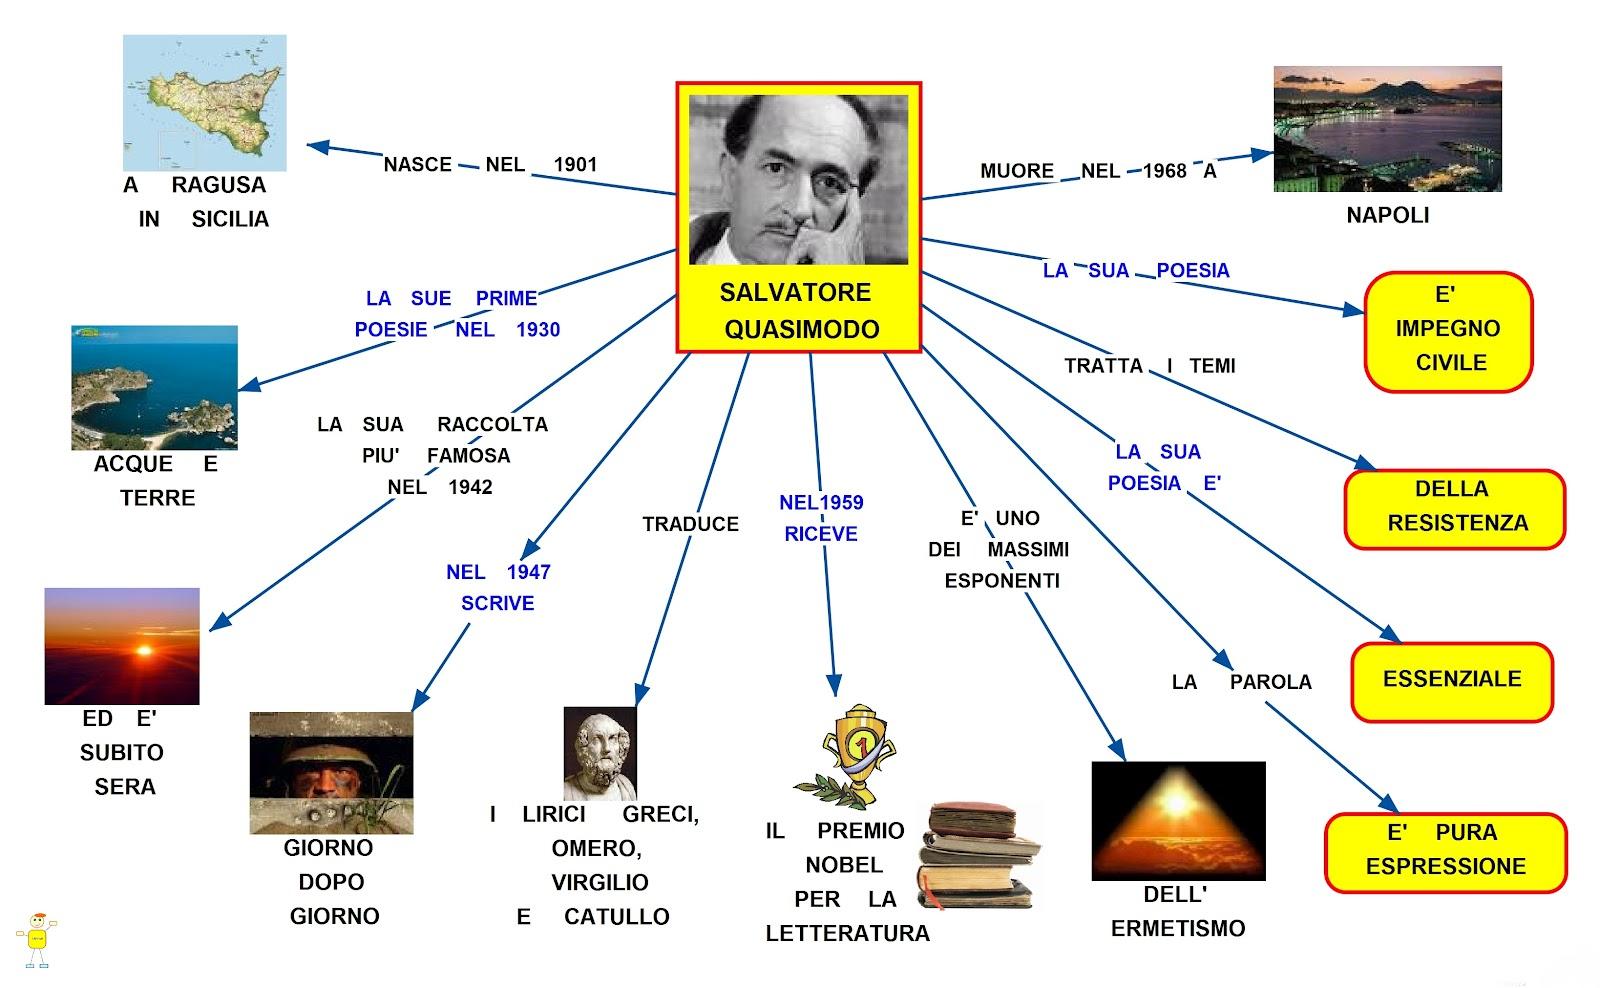 Salvatore Quasimodo mappa concettuale